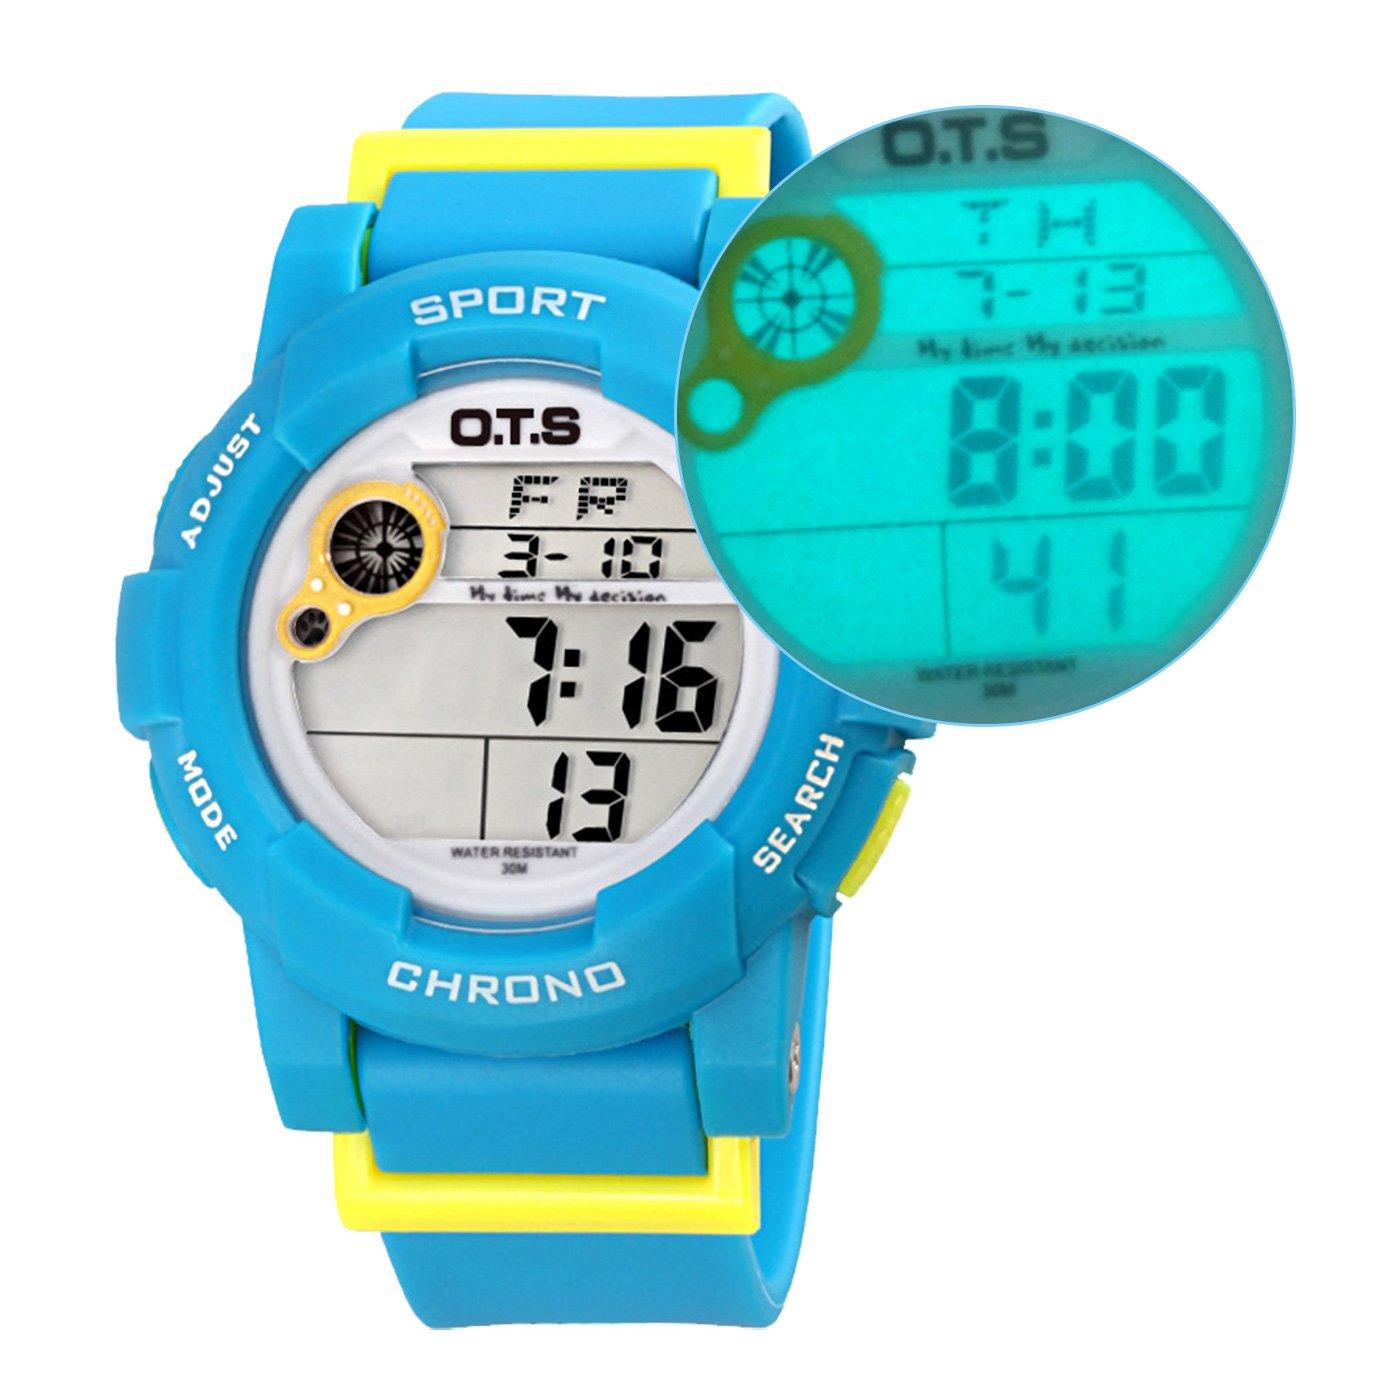 OTS - Reloj Digital Deportivo Impermeable con Alarma Luminoso de Cuarzo Cronómetro para Niños Niñas y Estudiantes - Color Azul: Amazon.es: Relojes